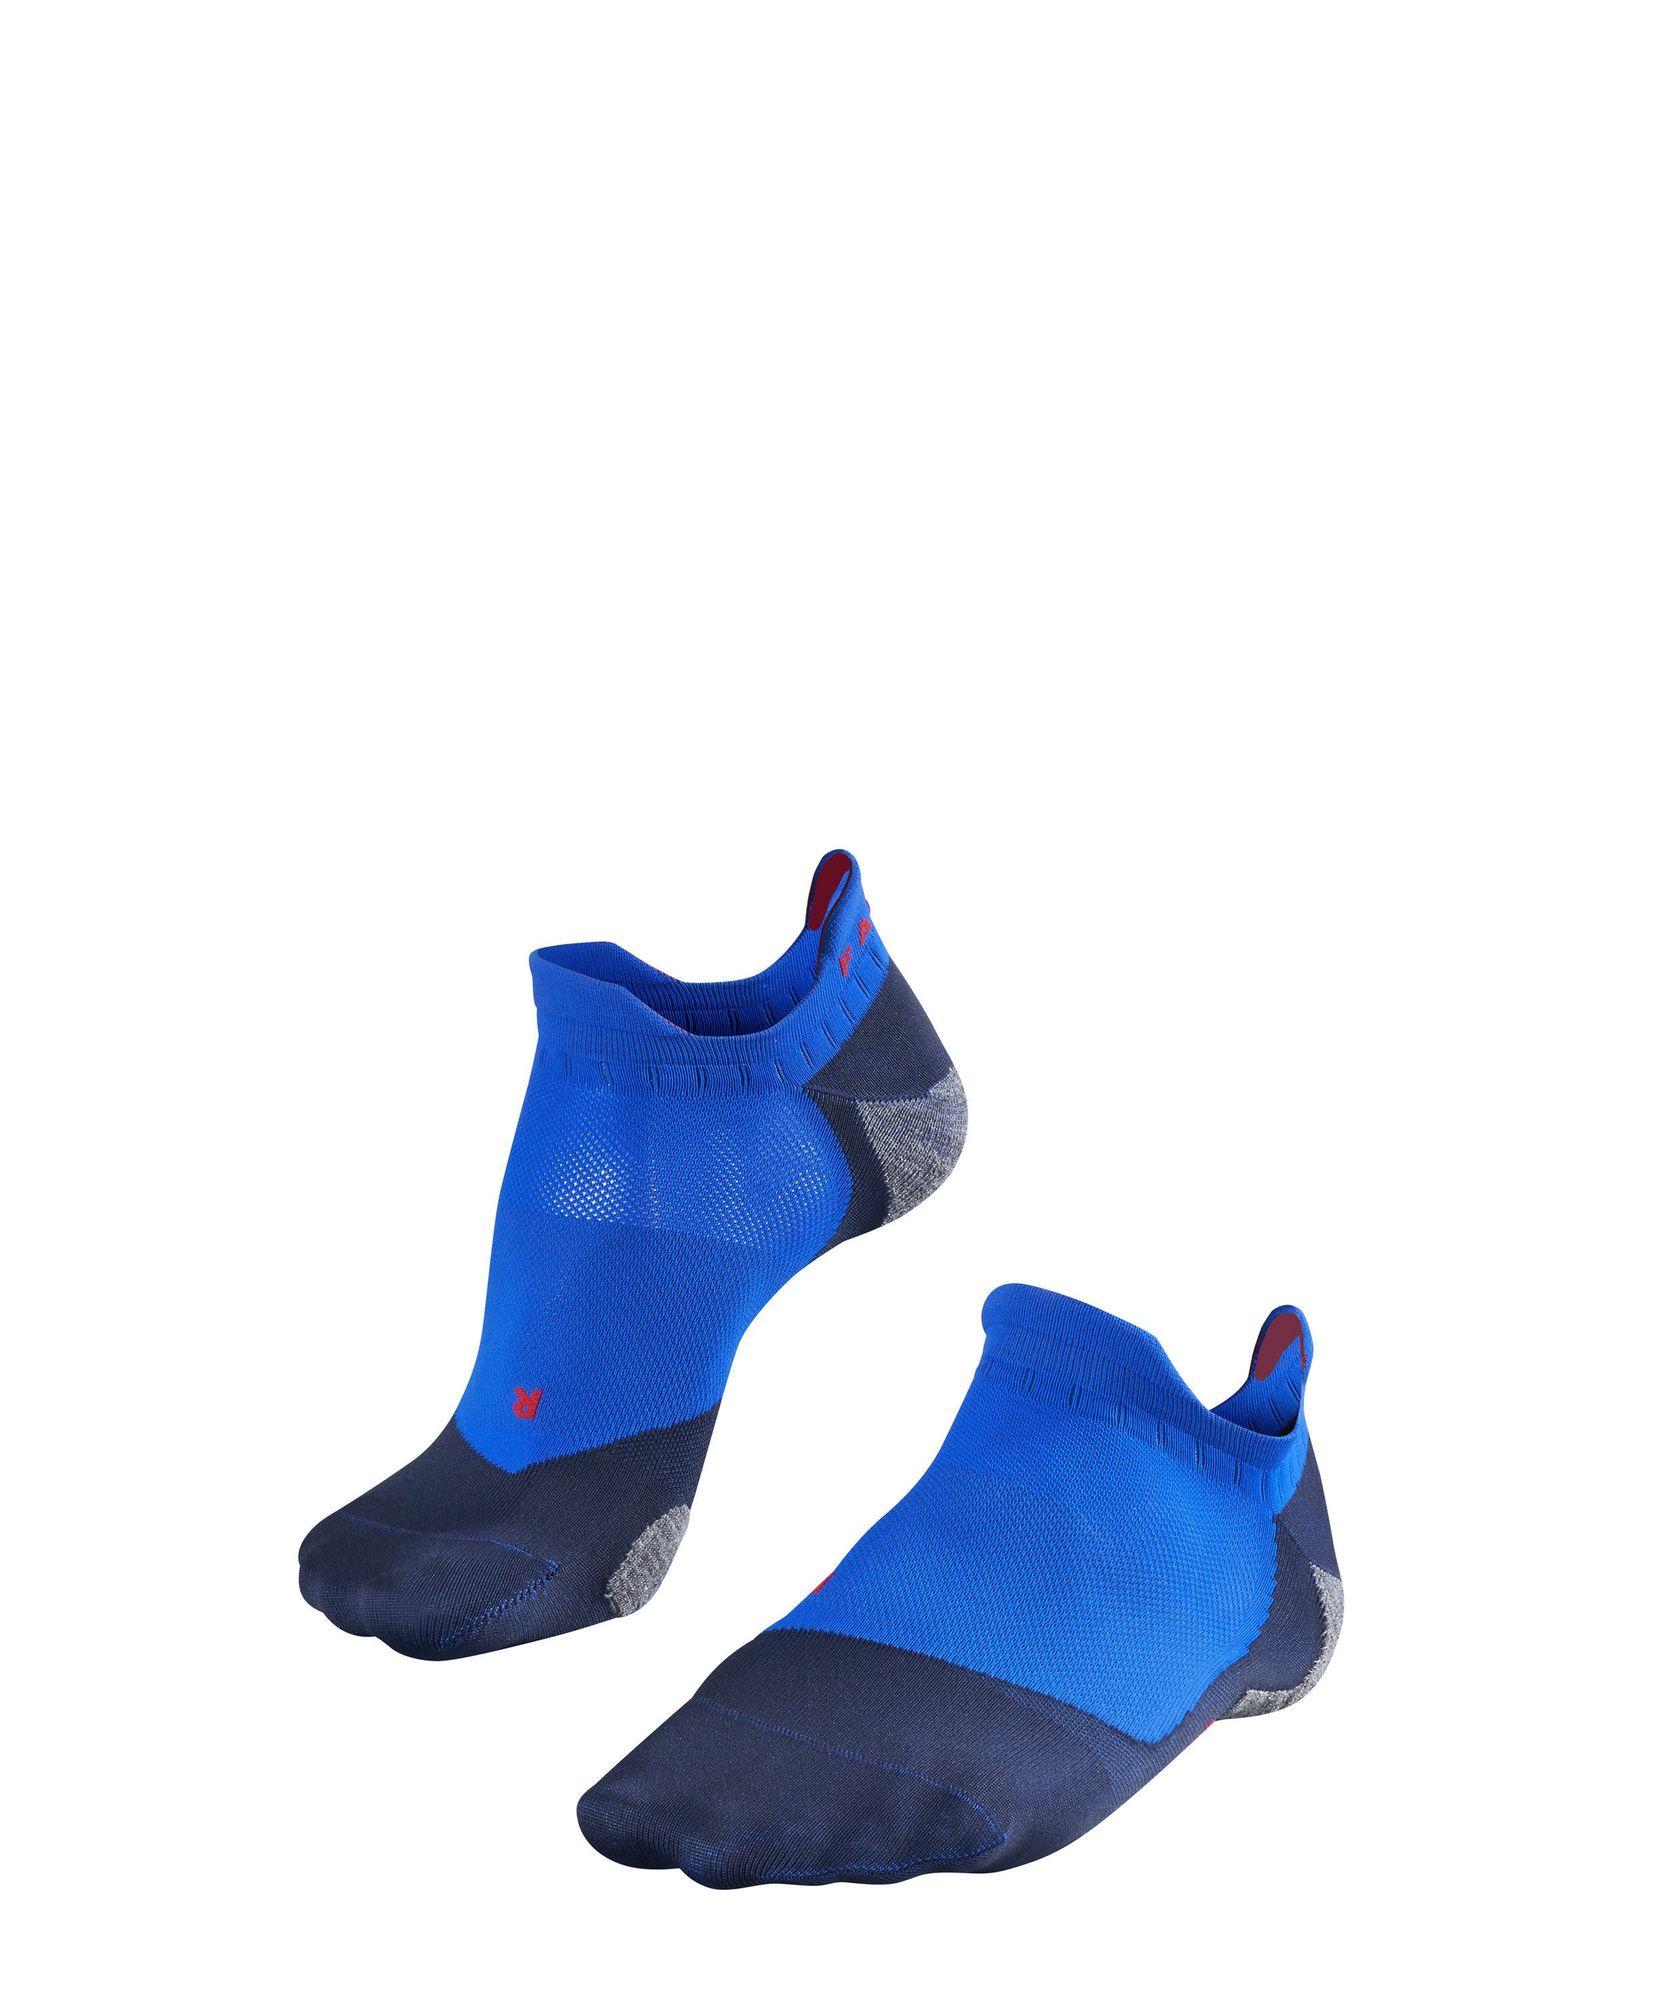 Falke RU5 Invisible (Blau)